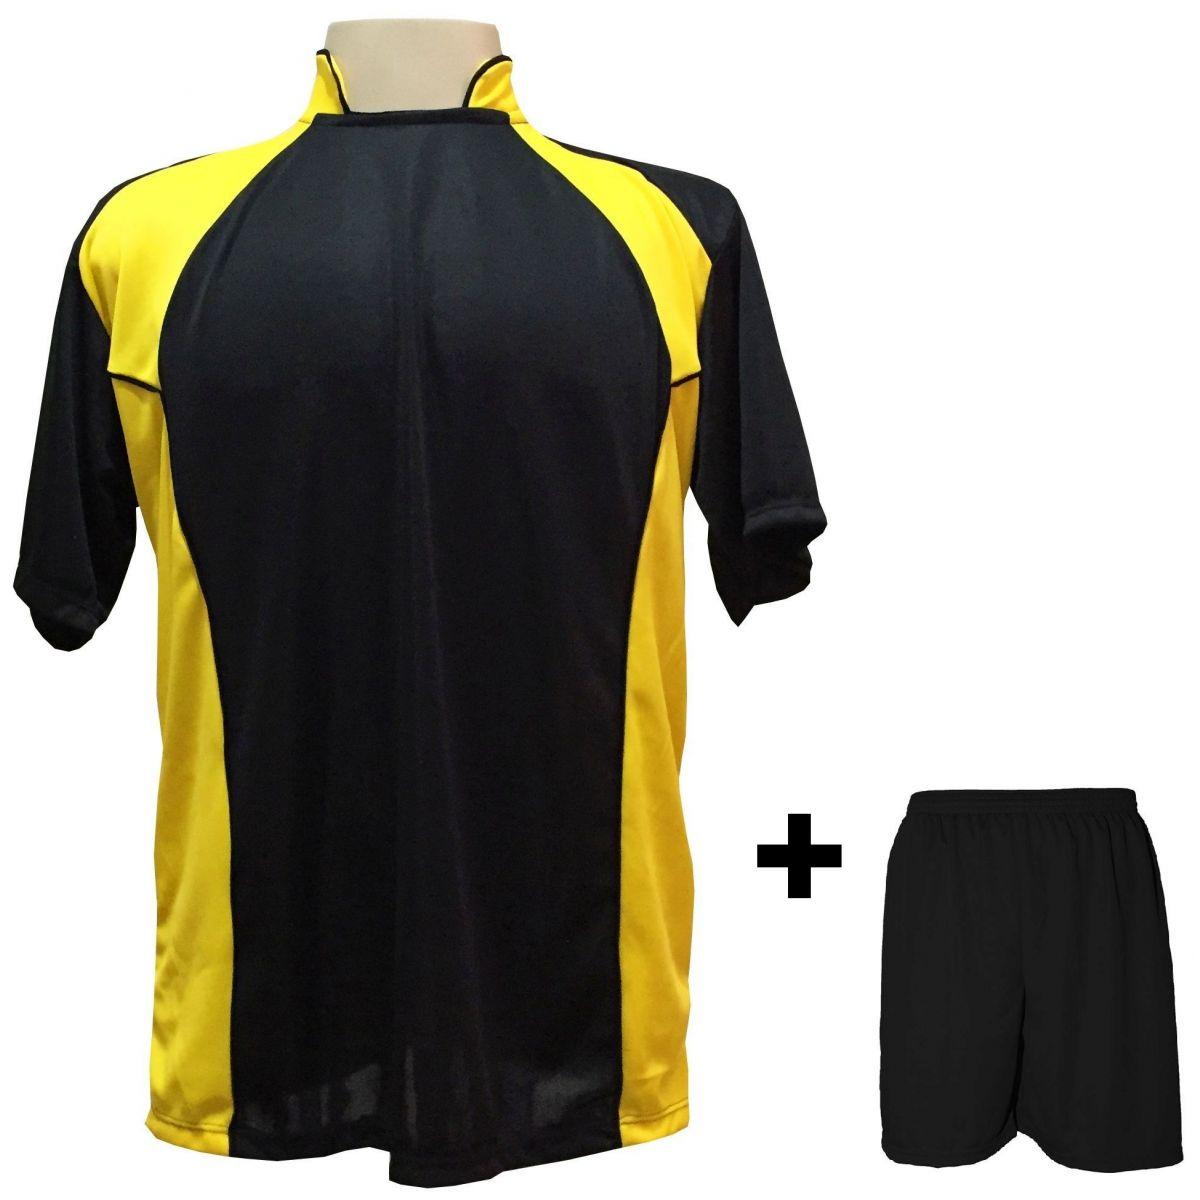 bdbe866a717d Uniforme Esportivo com 14 camisas modelo Suécia Preto/Amarelo + 14 calções  modelo Madrid + ...